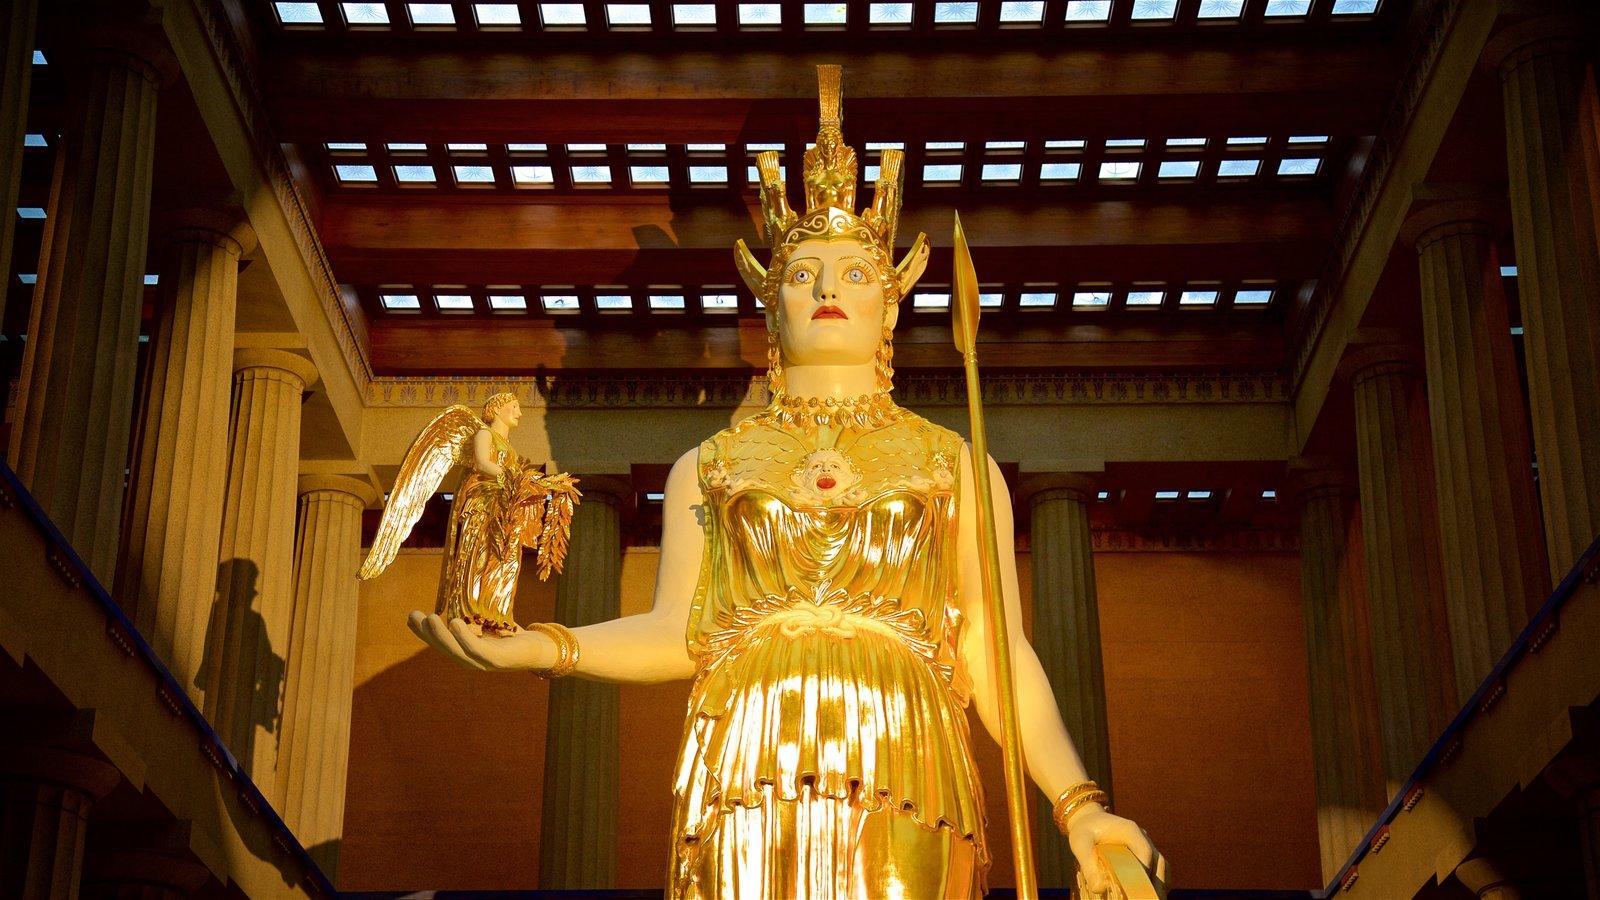 Parthenon que incluye una estatua o escultura y vistas interiores